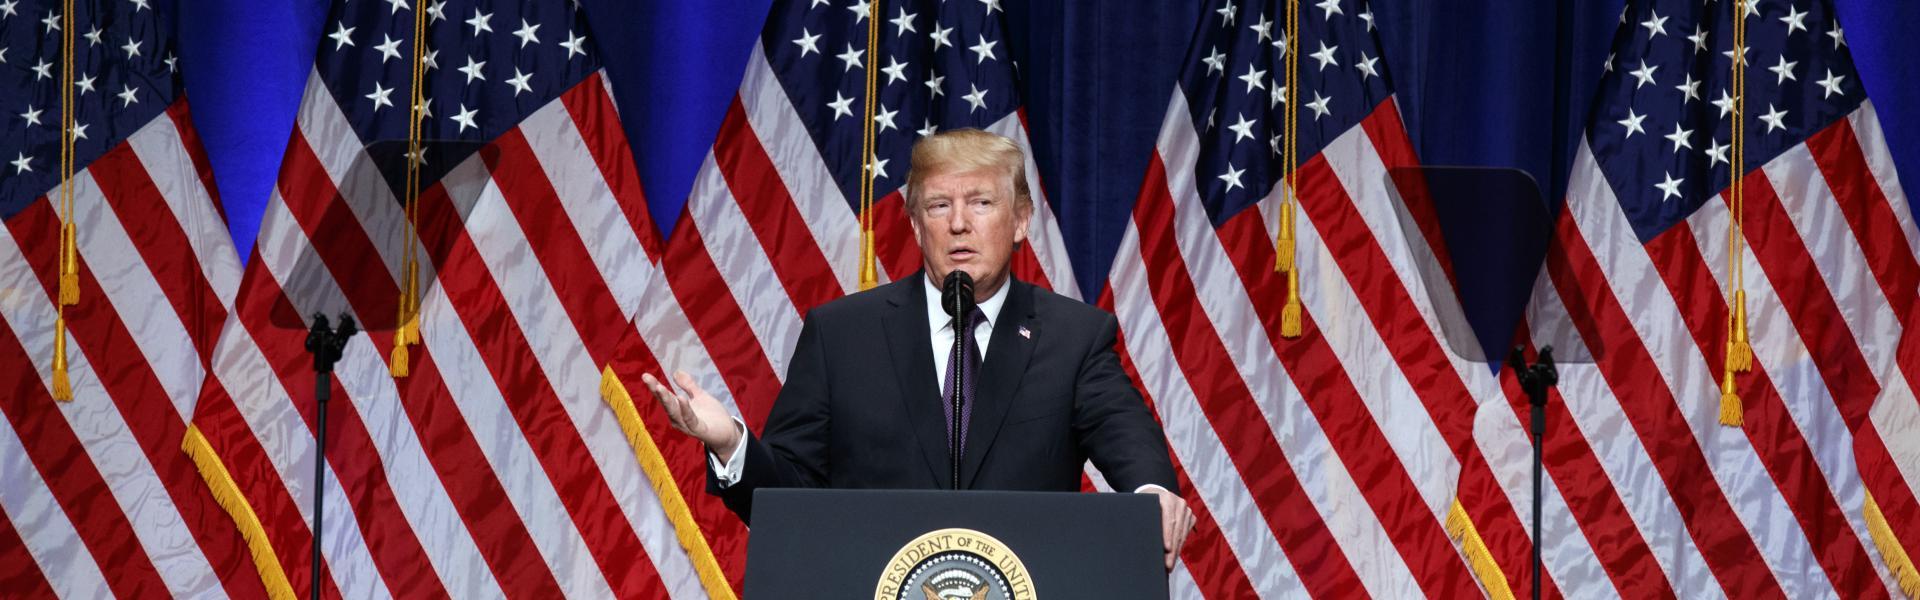 Trump, ulusal güvenlik stratejisini açıkladı: Rusya ve Çin rakip devletler